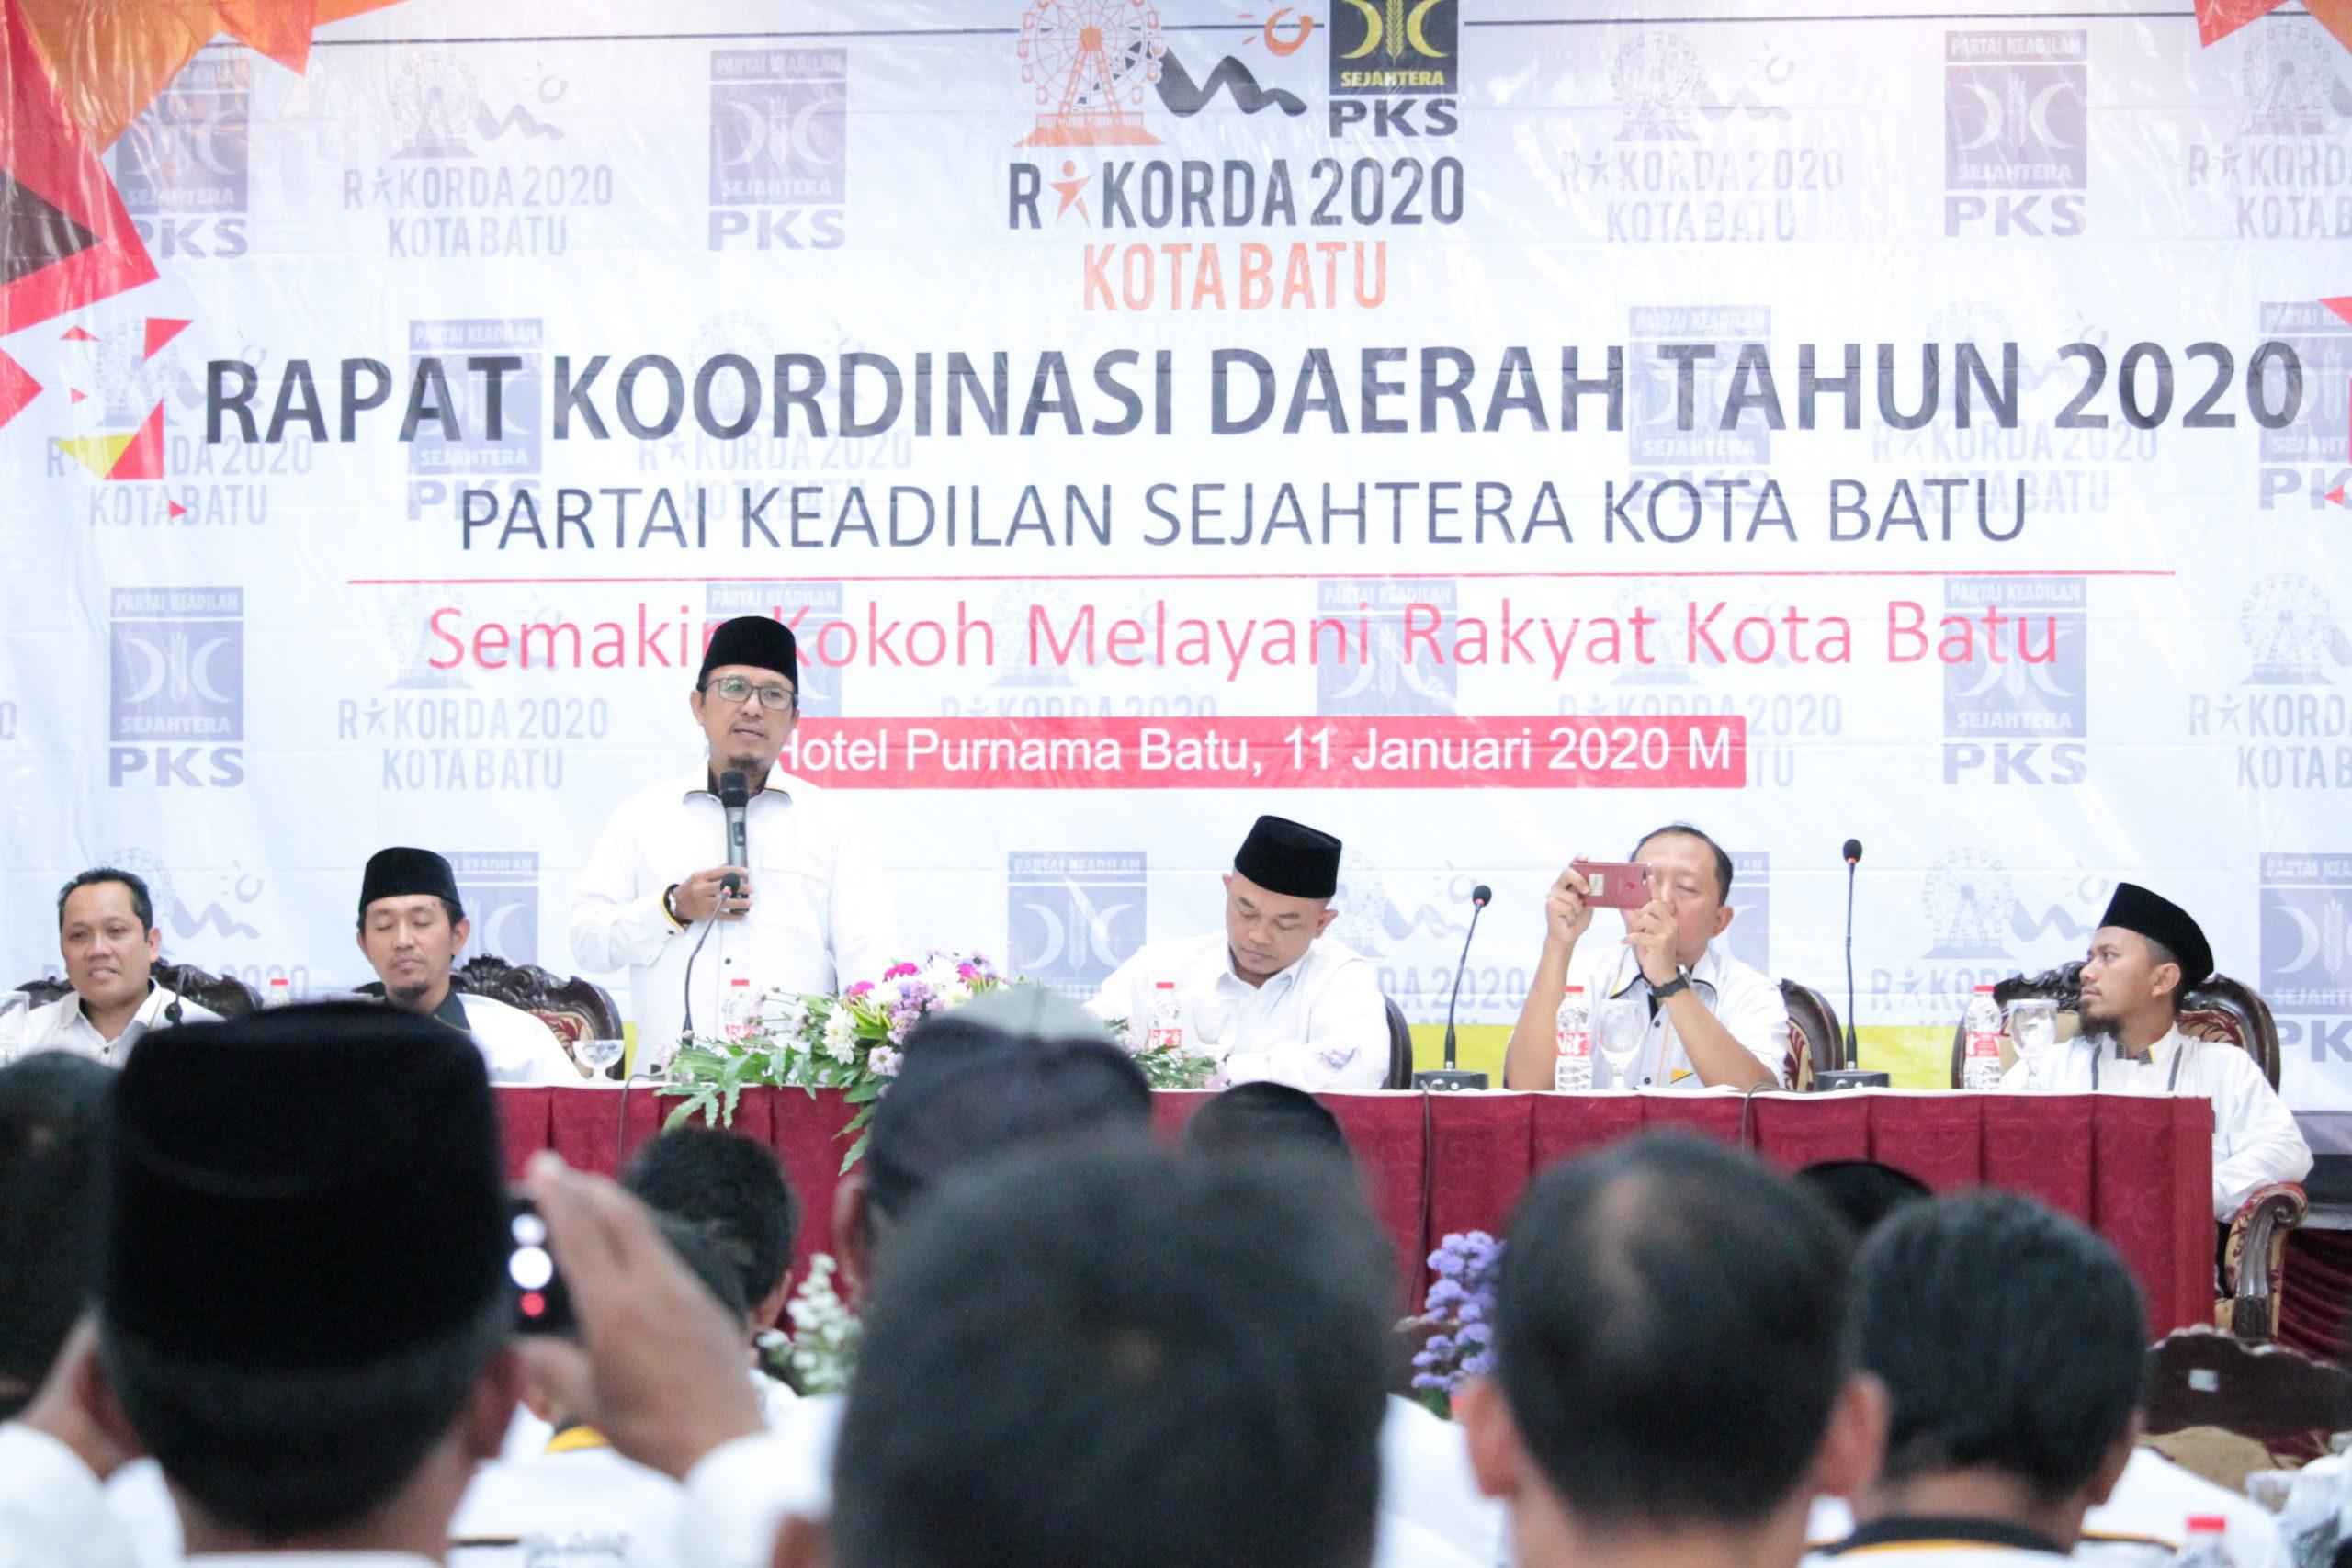 Ustadz Habib Mu'iz - Anggota Dewan Syuro Wilayah PKS Jawa Timur